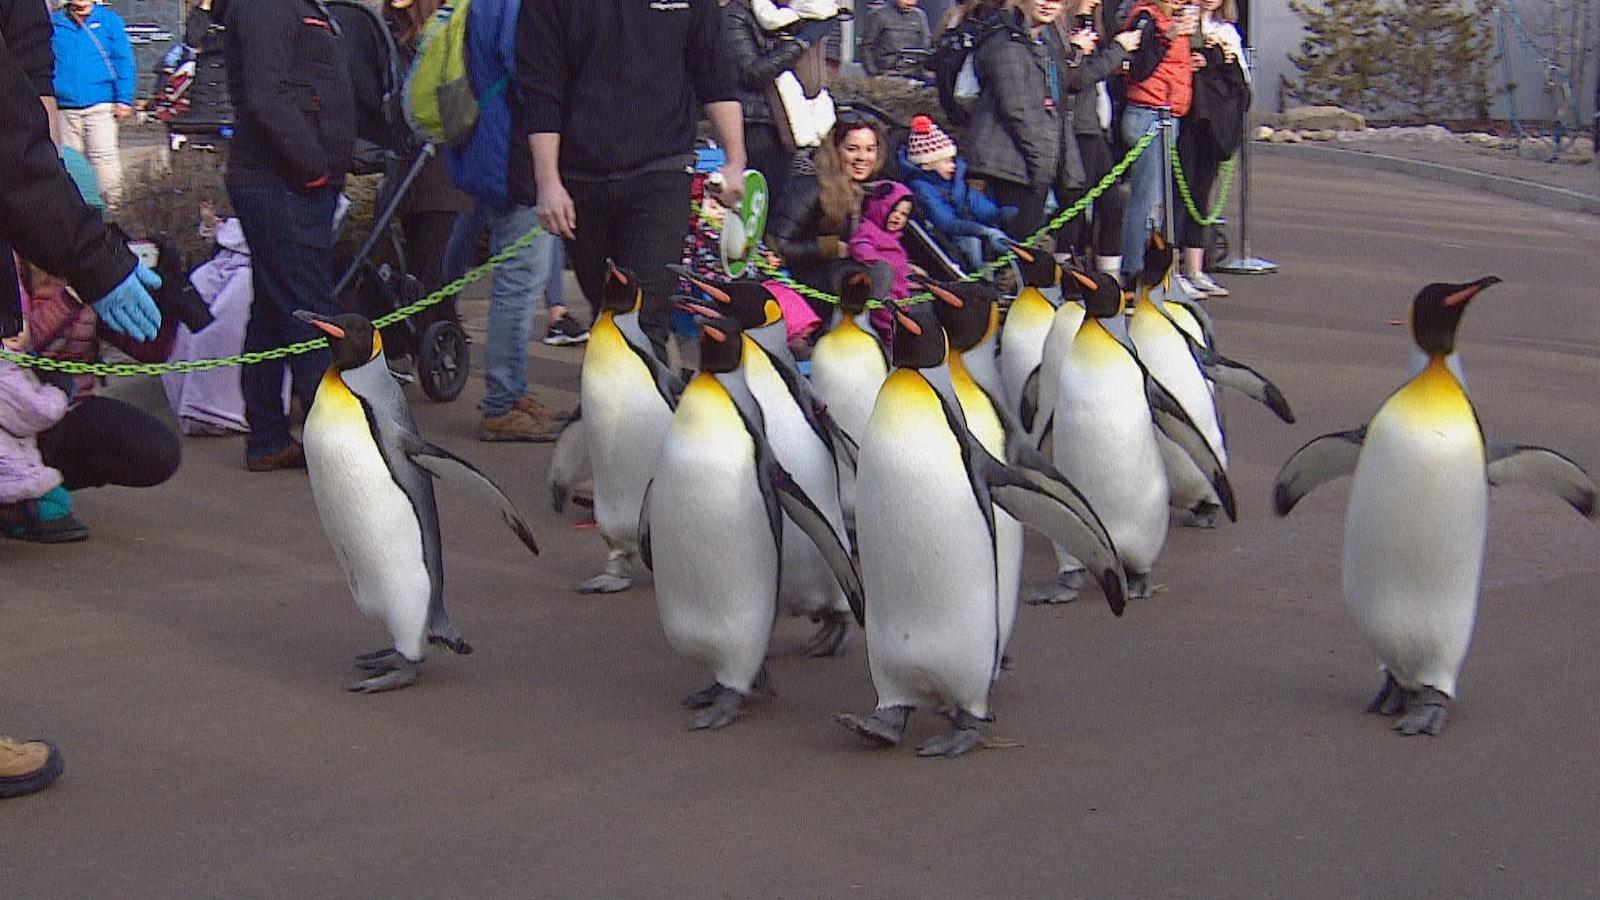 Une dizaine de manchots marchent ensemble sur un chemin dehors. Le public les observe derrière un cordon de sécurité.